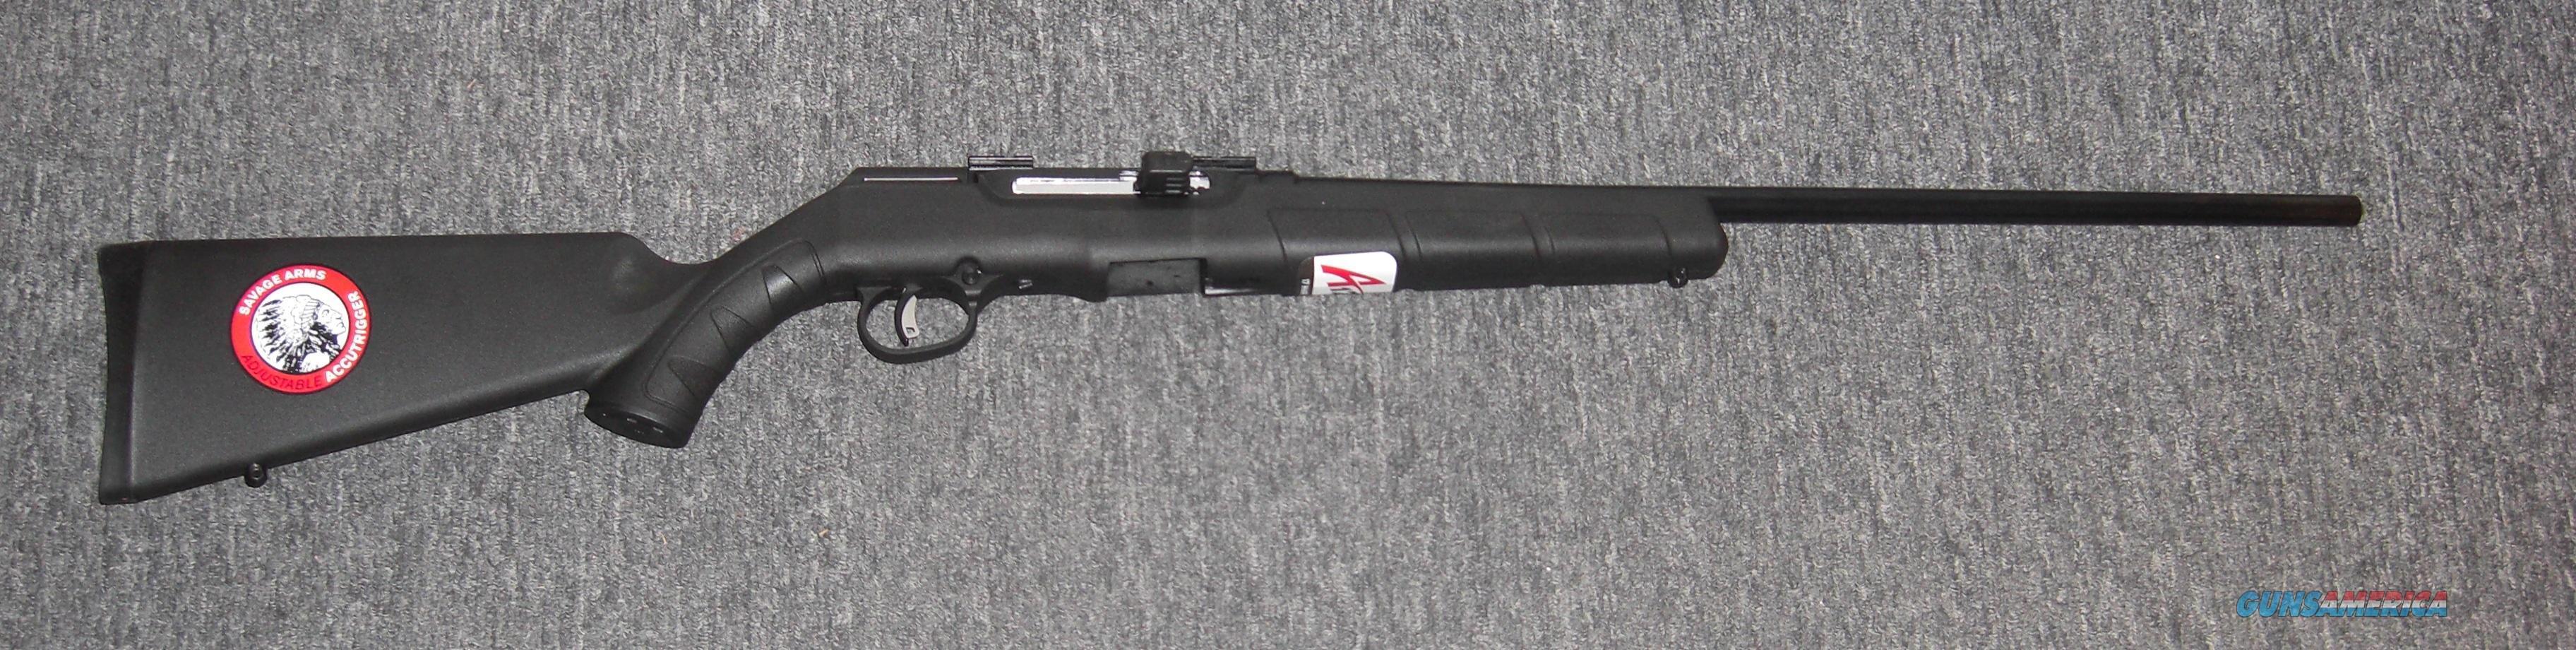 savage a17 semi auto rifle w scope accutrigger for sale